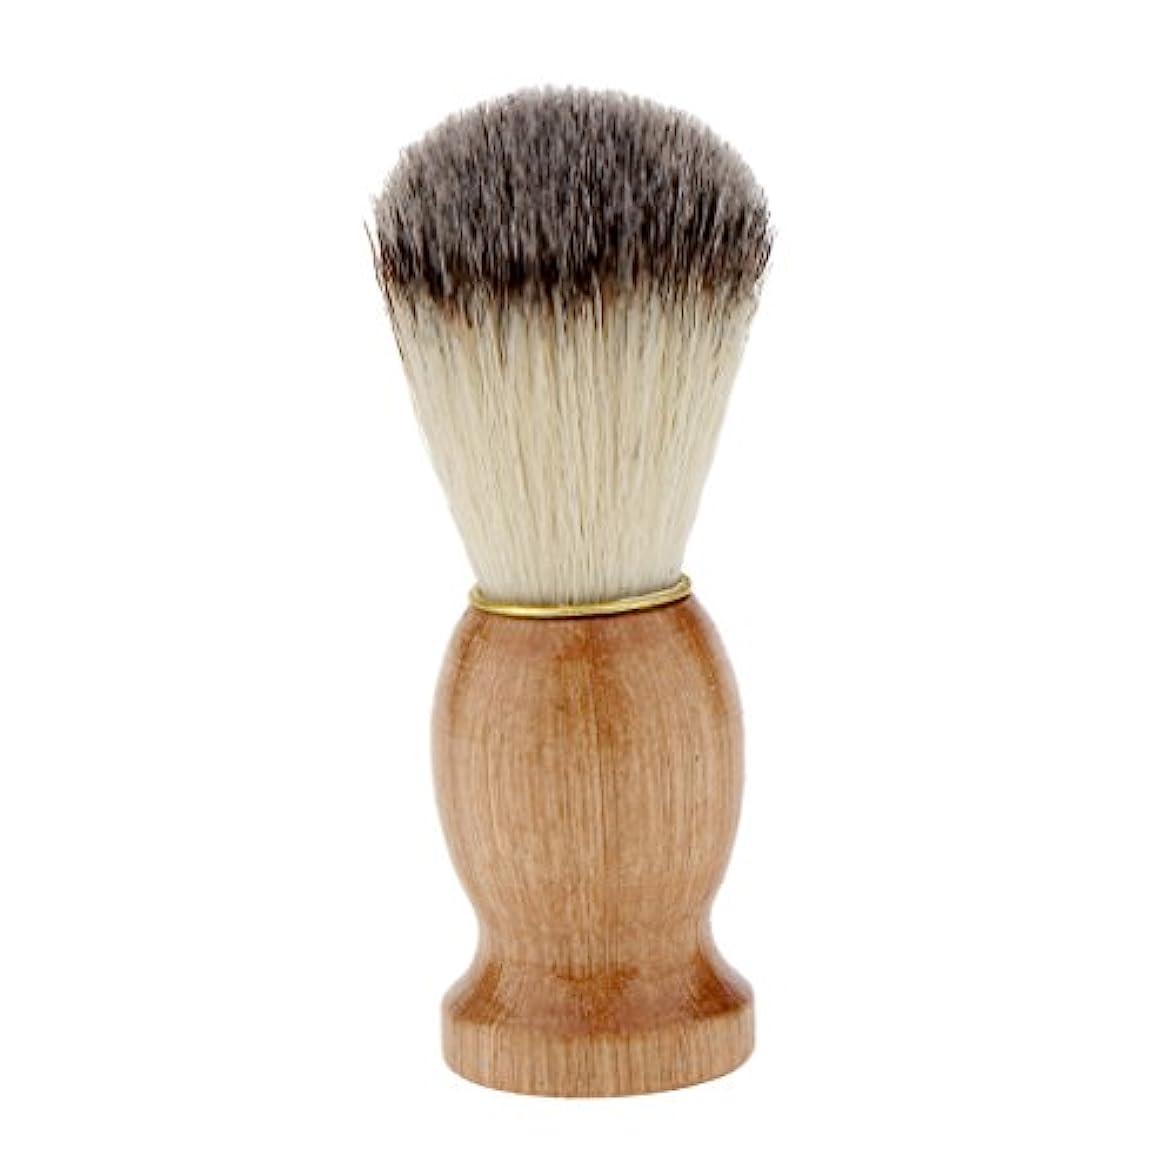 基本的な匹敵しますマージン男性ギフト剃毛シェービングブラシプロ理髪店サロン剛毛ブラシウッドハンドルダストクリーニングツール